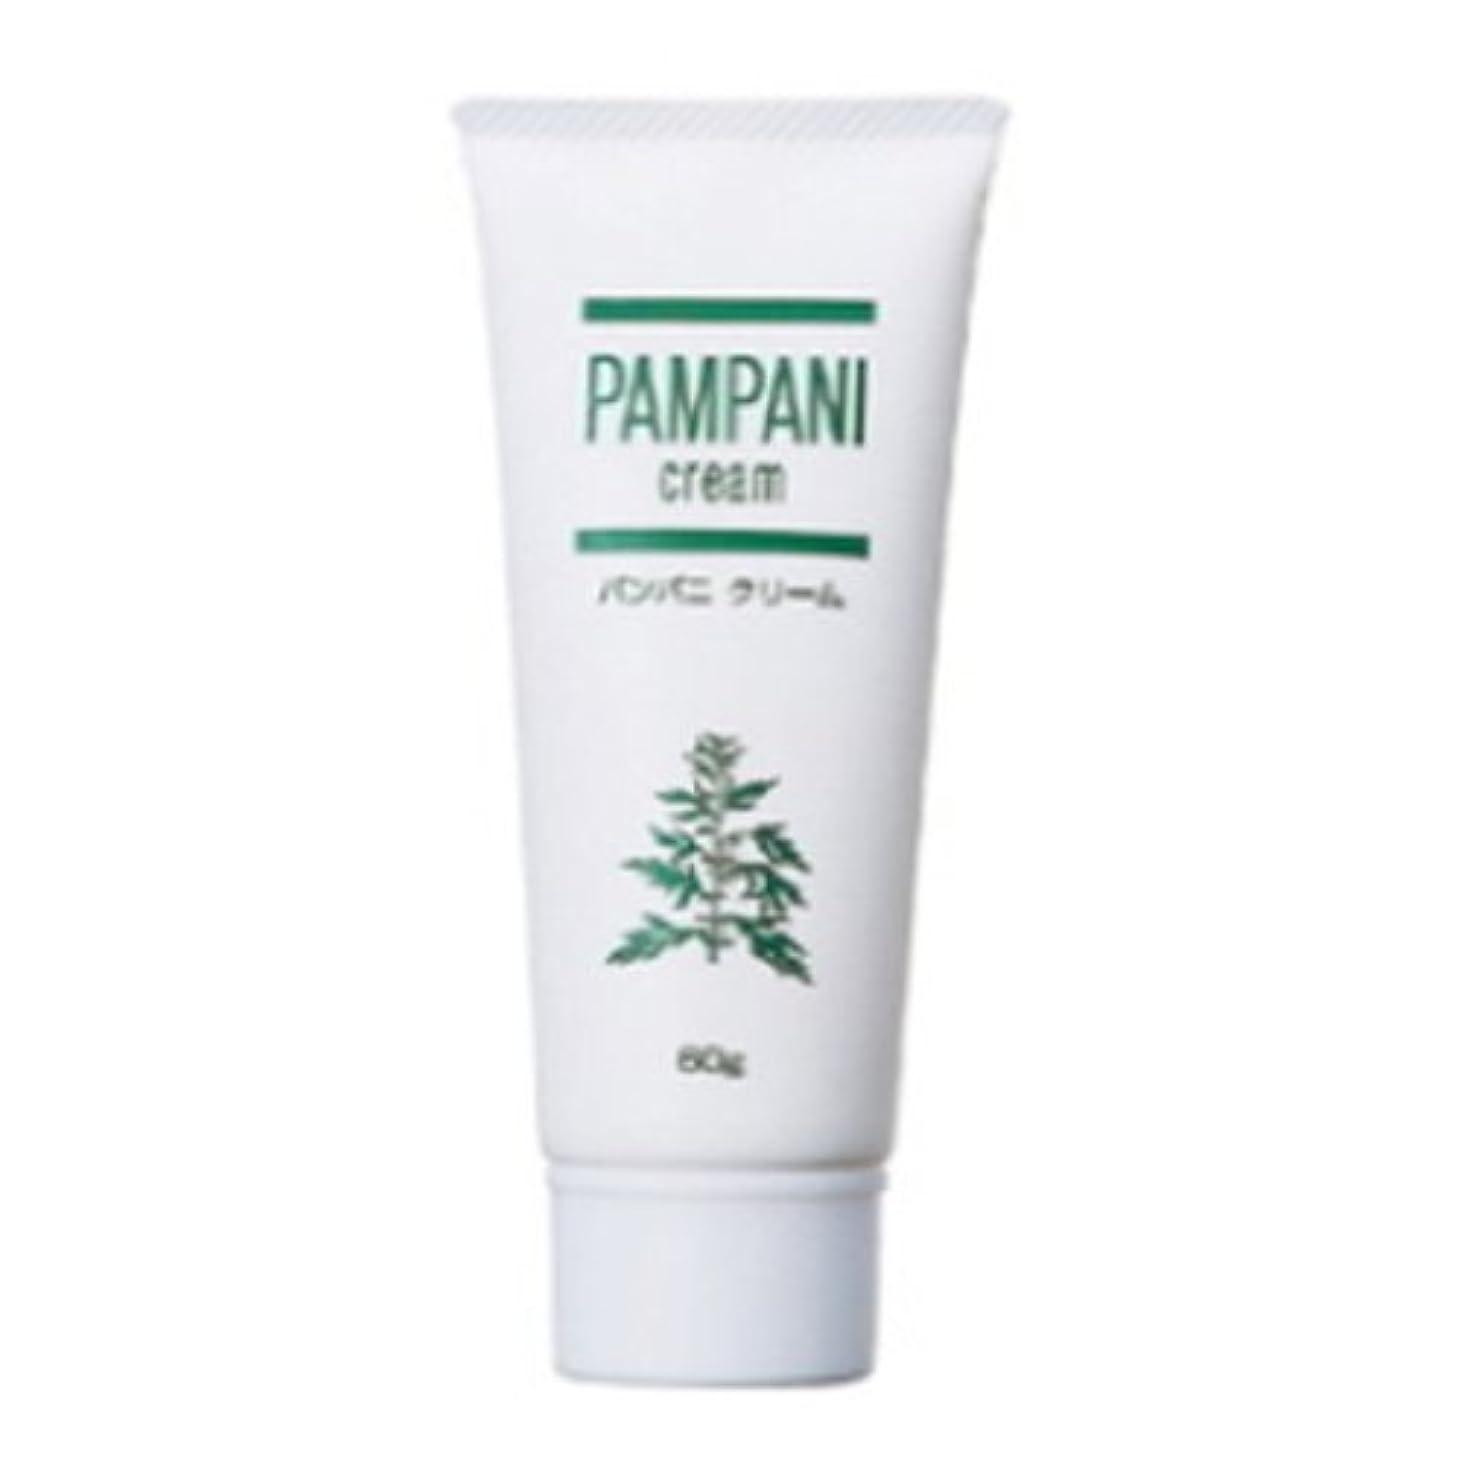 真夜中活性化する睡眠パンパニ(PAMPANI) クリーム 60g